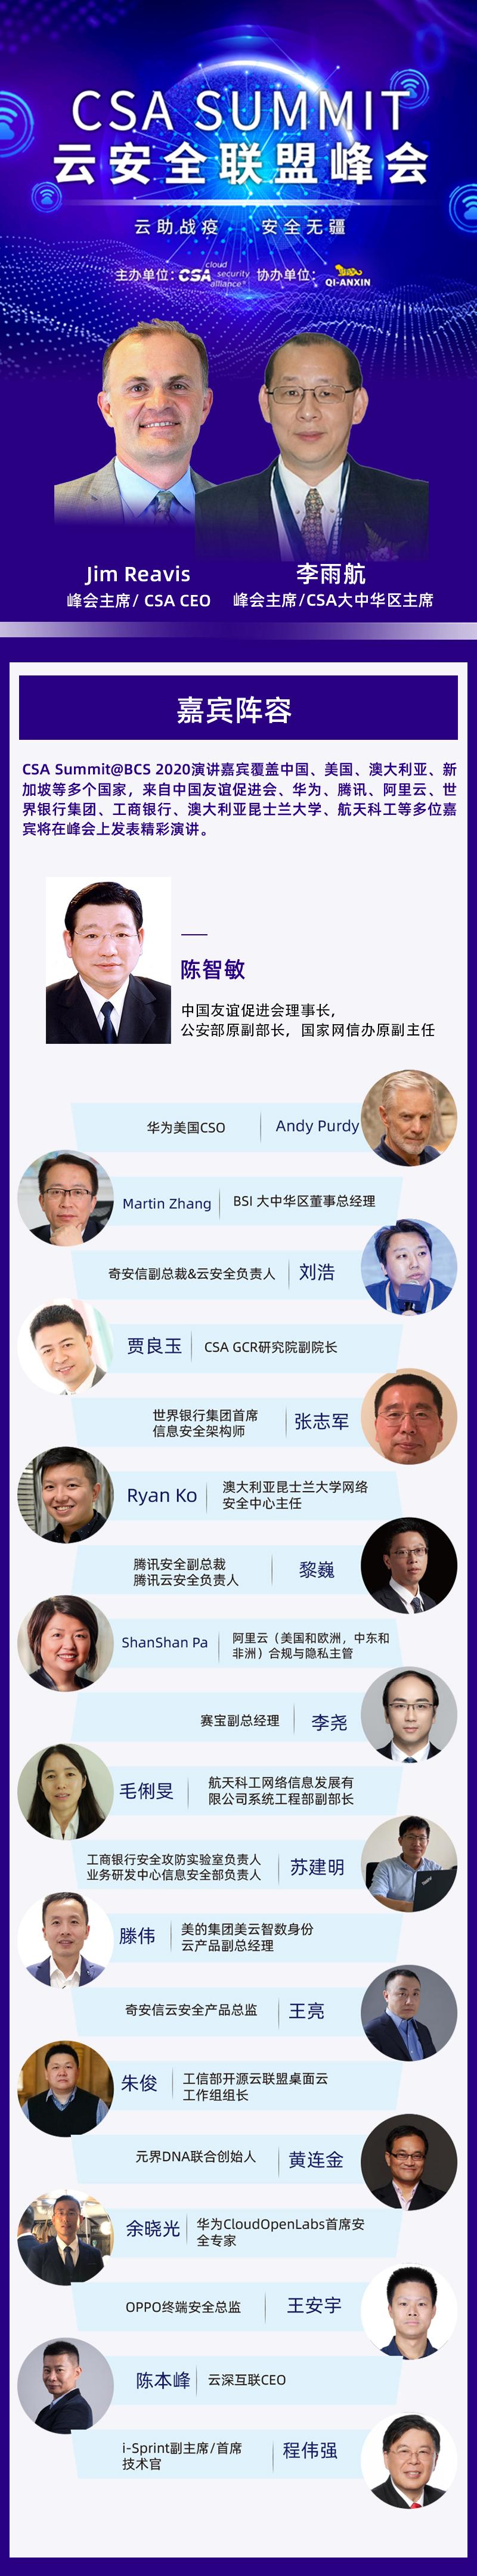 http://www.reviewcode.cn/youxikaifa/164270.html